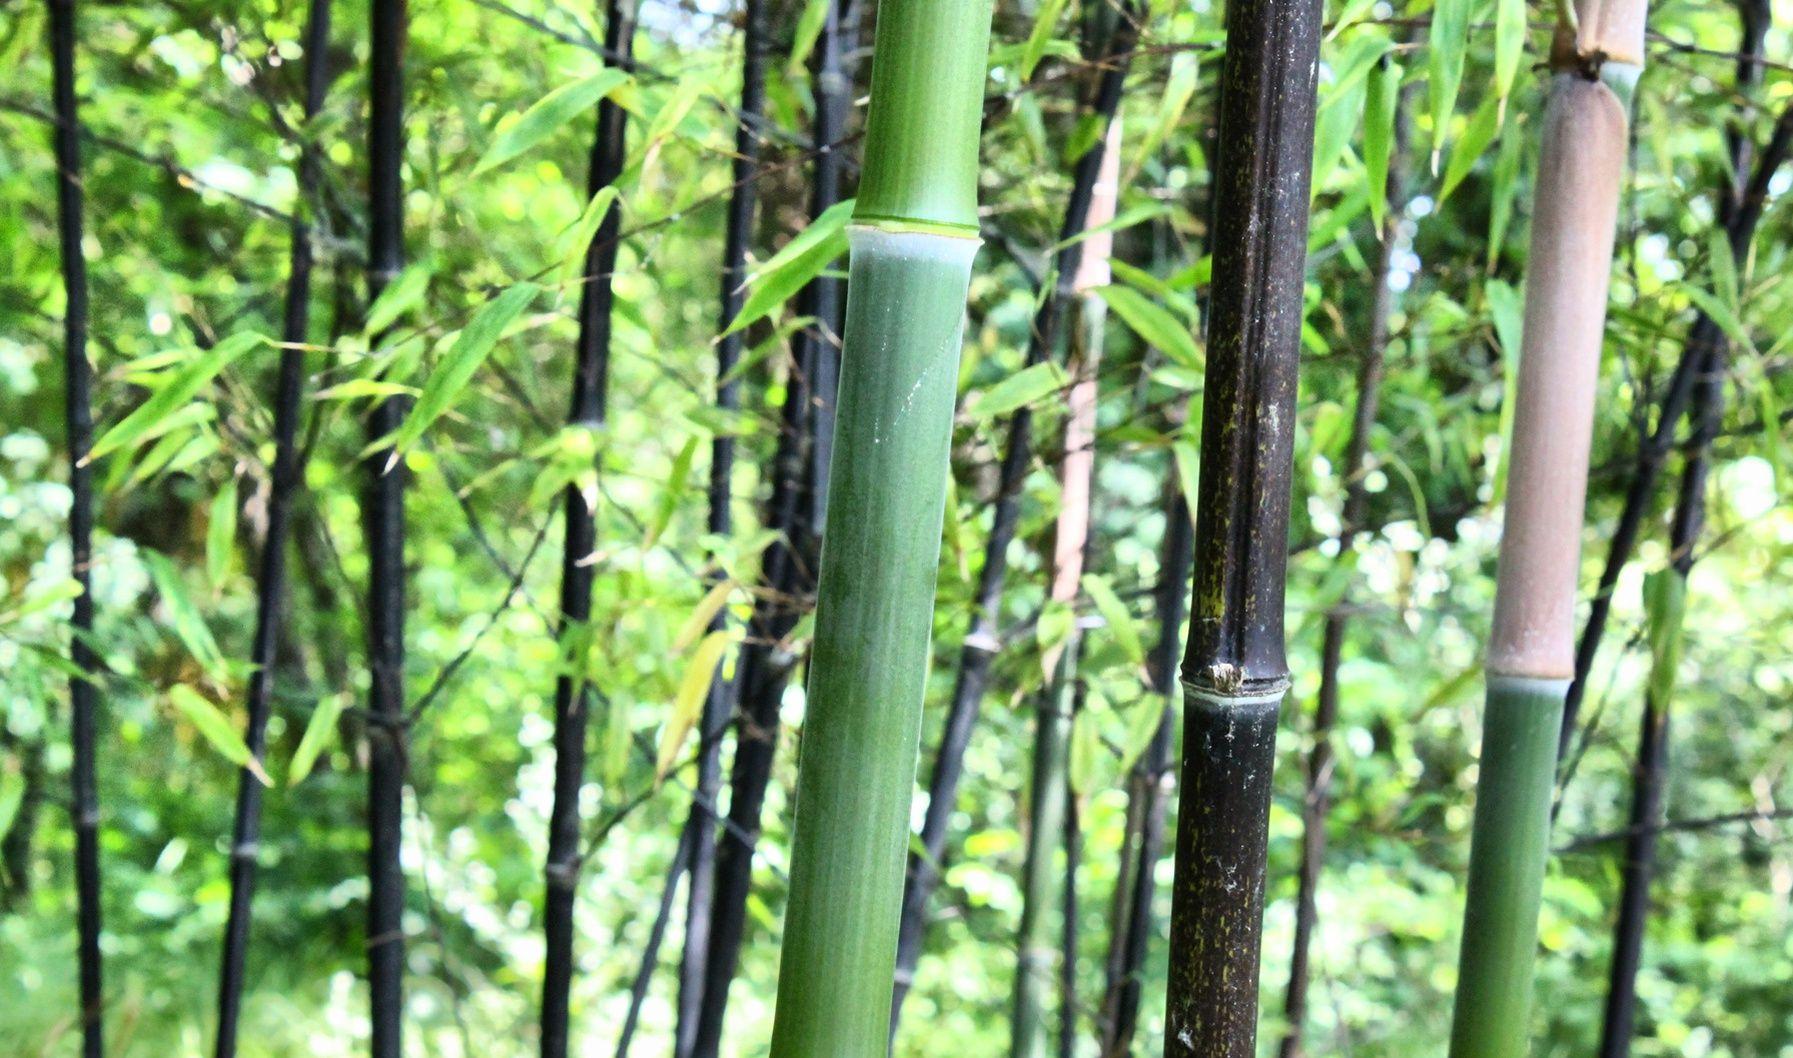 avec quelles plantes le bambou noir s 39 harmonise t il le mieux. Black Bedroom Furniture Sets. Home Design Ideas